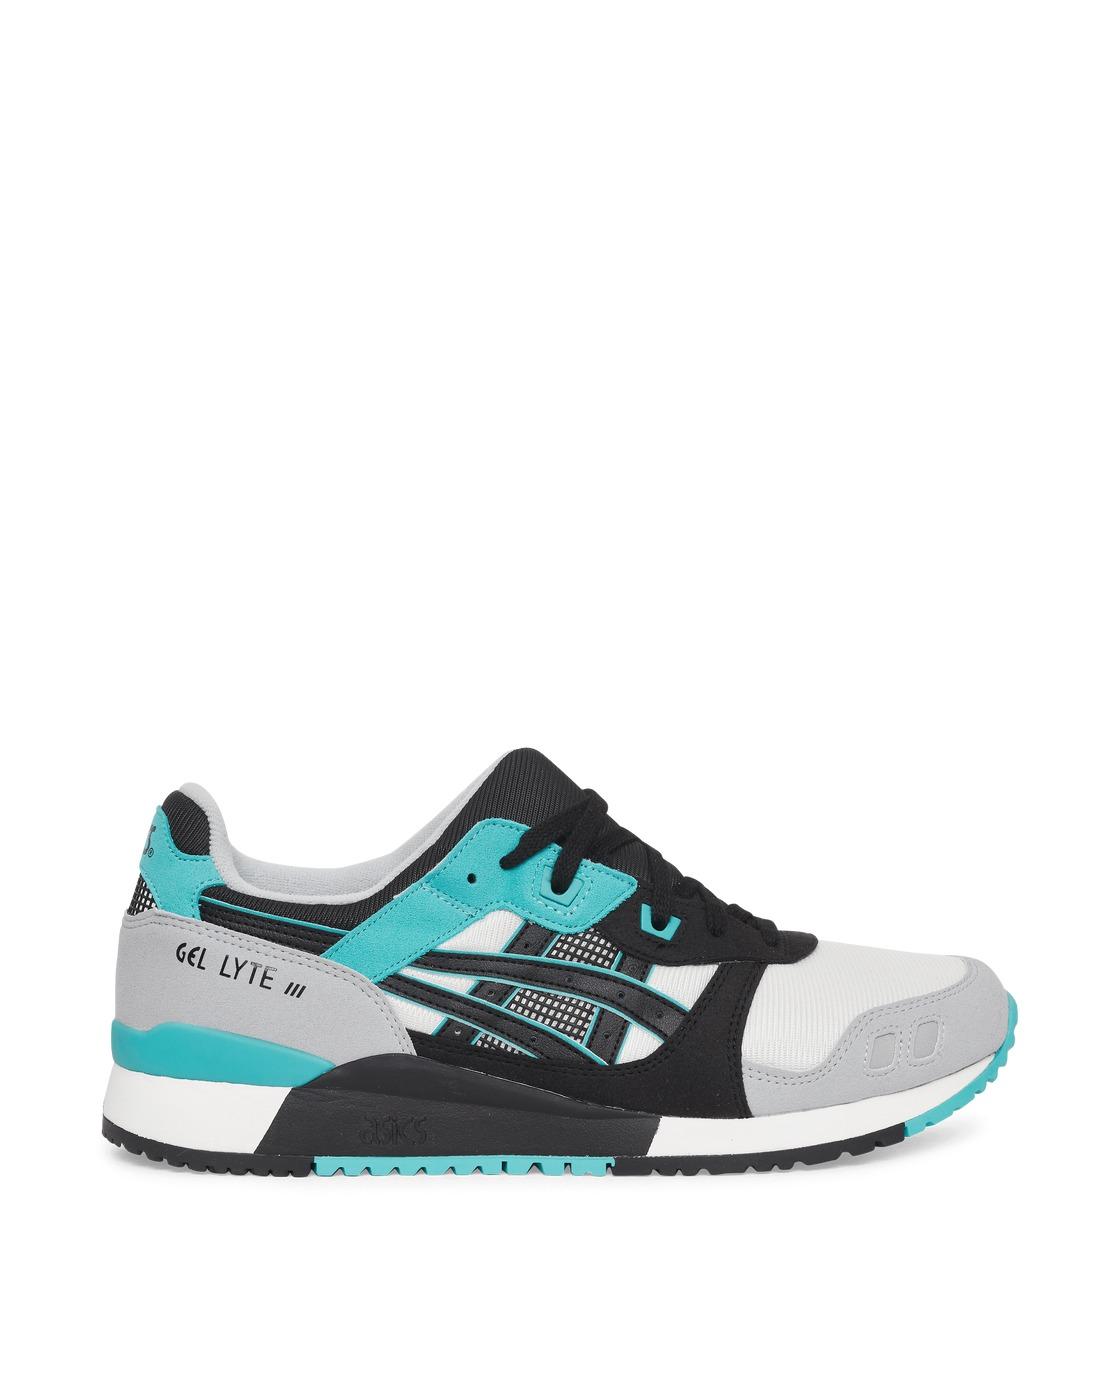 Asics Gel Lyte Iii Og Sneakers White/Black